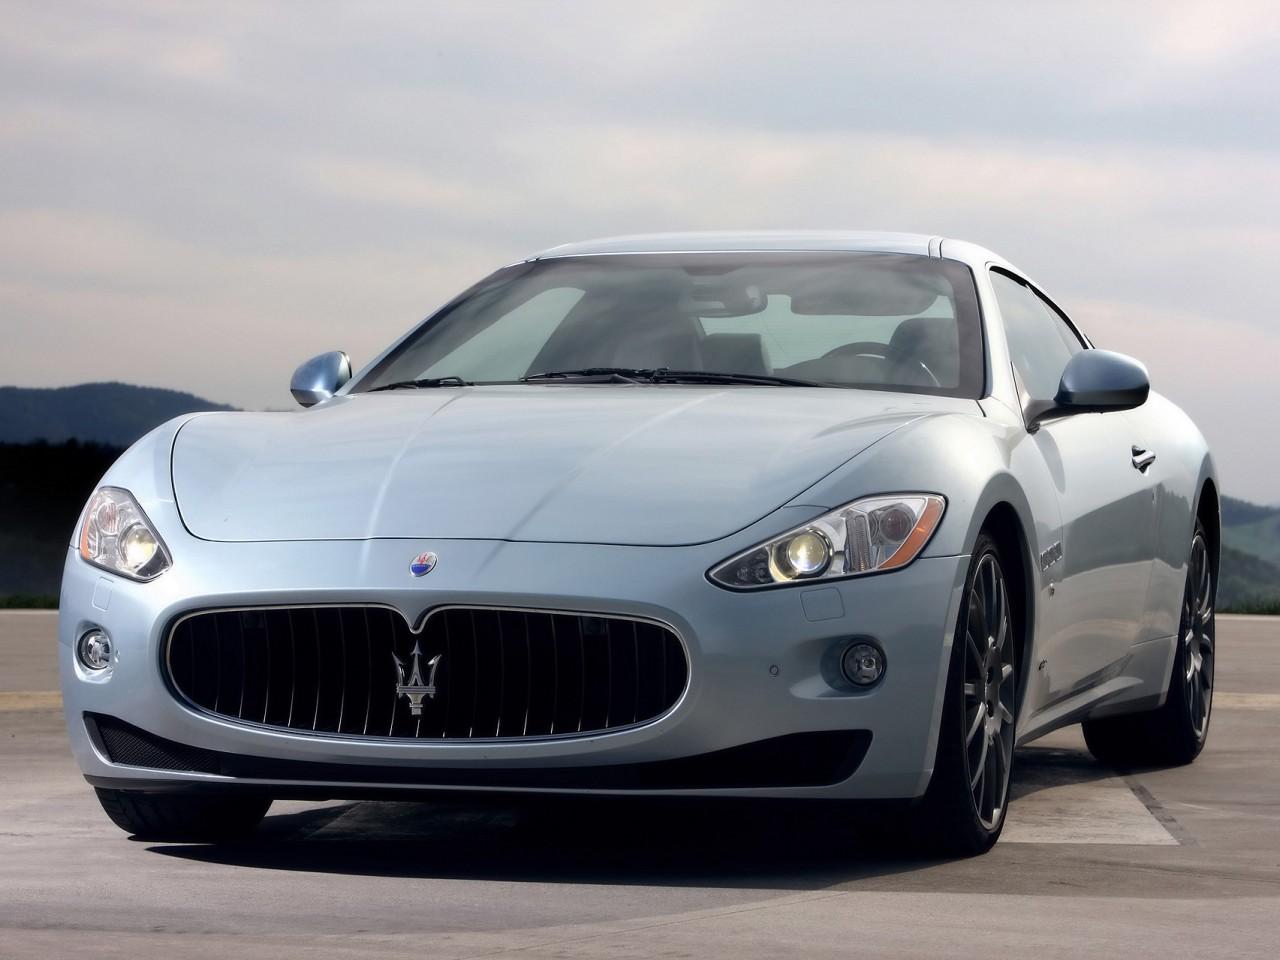 2009 Maserati GranTurismo S Pictures